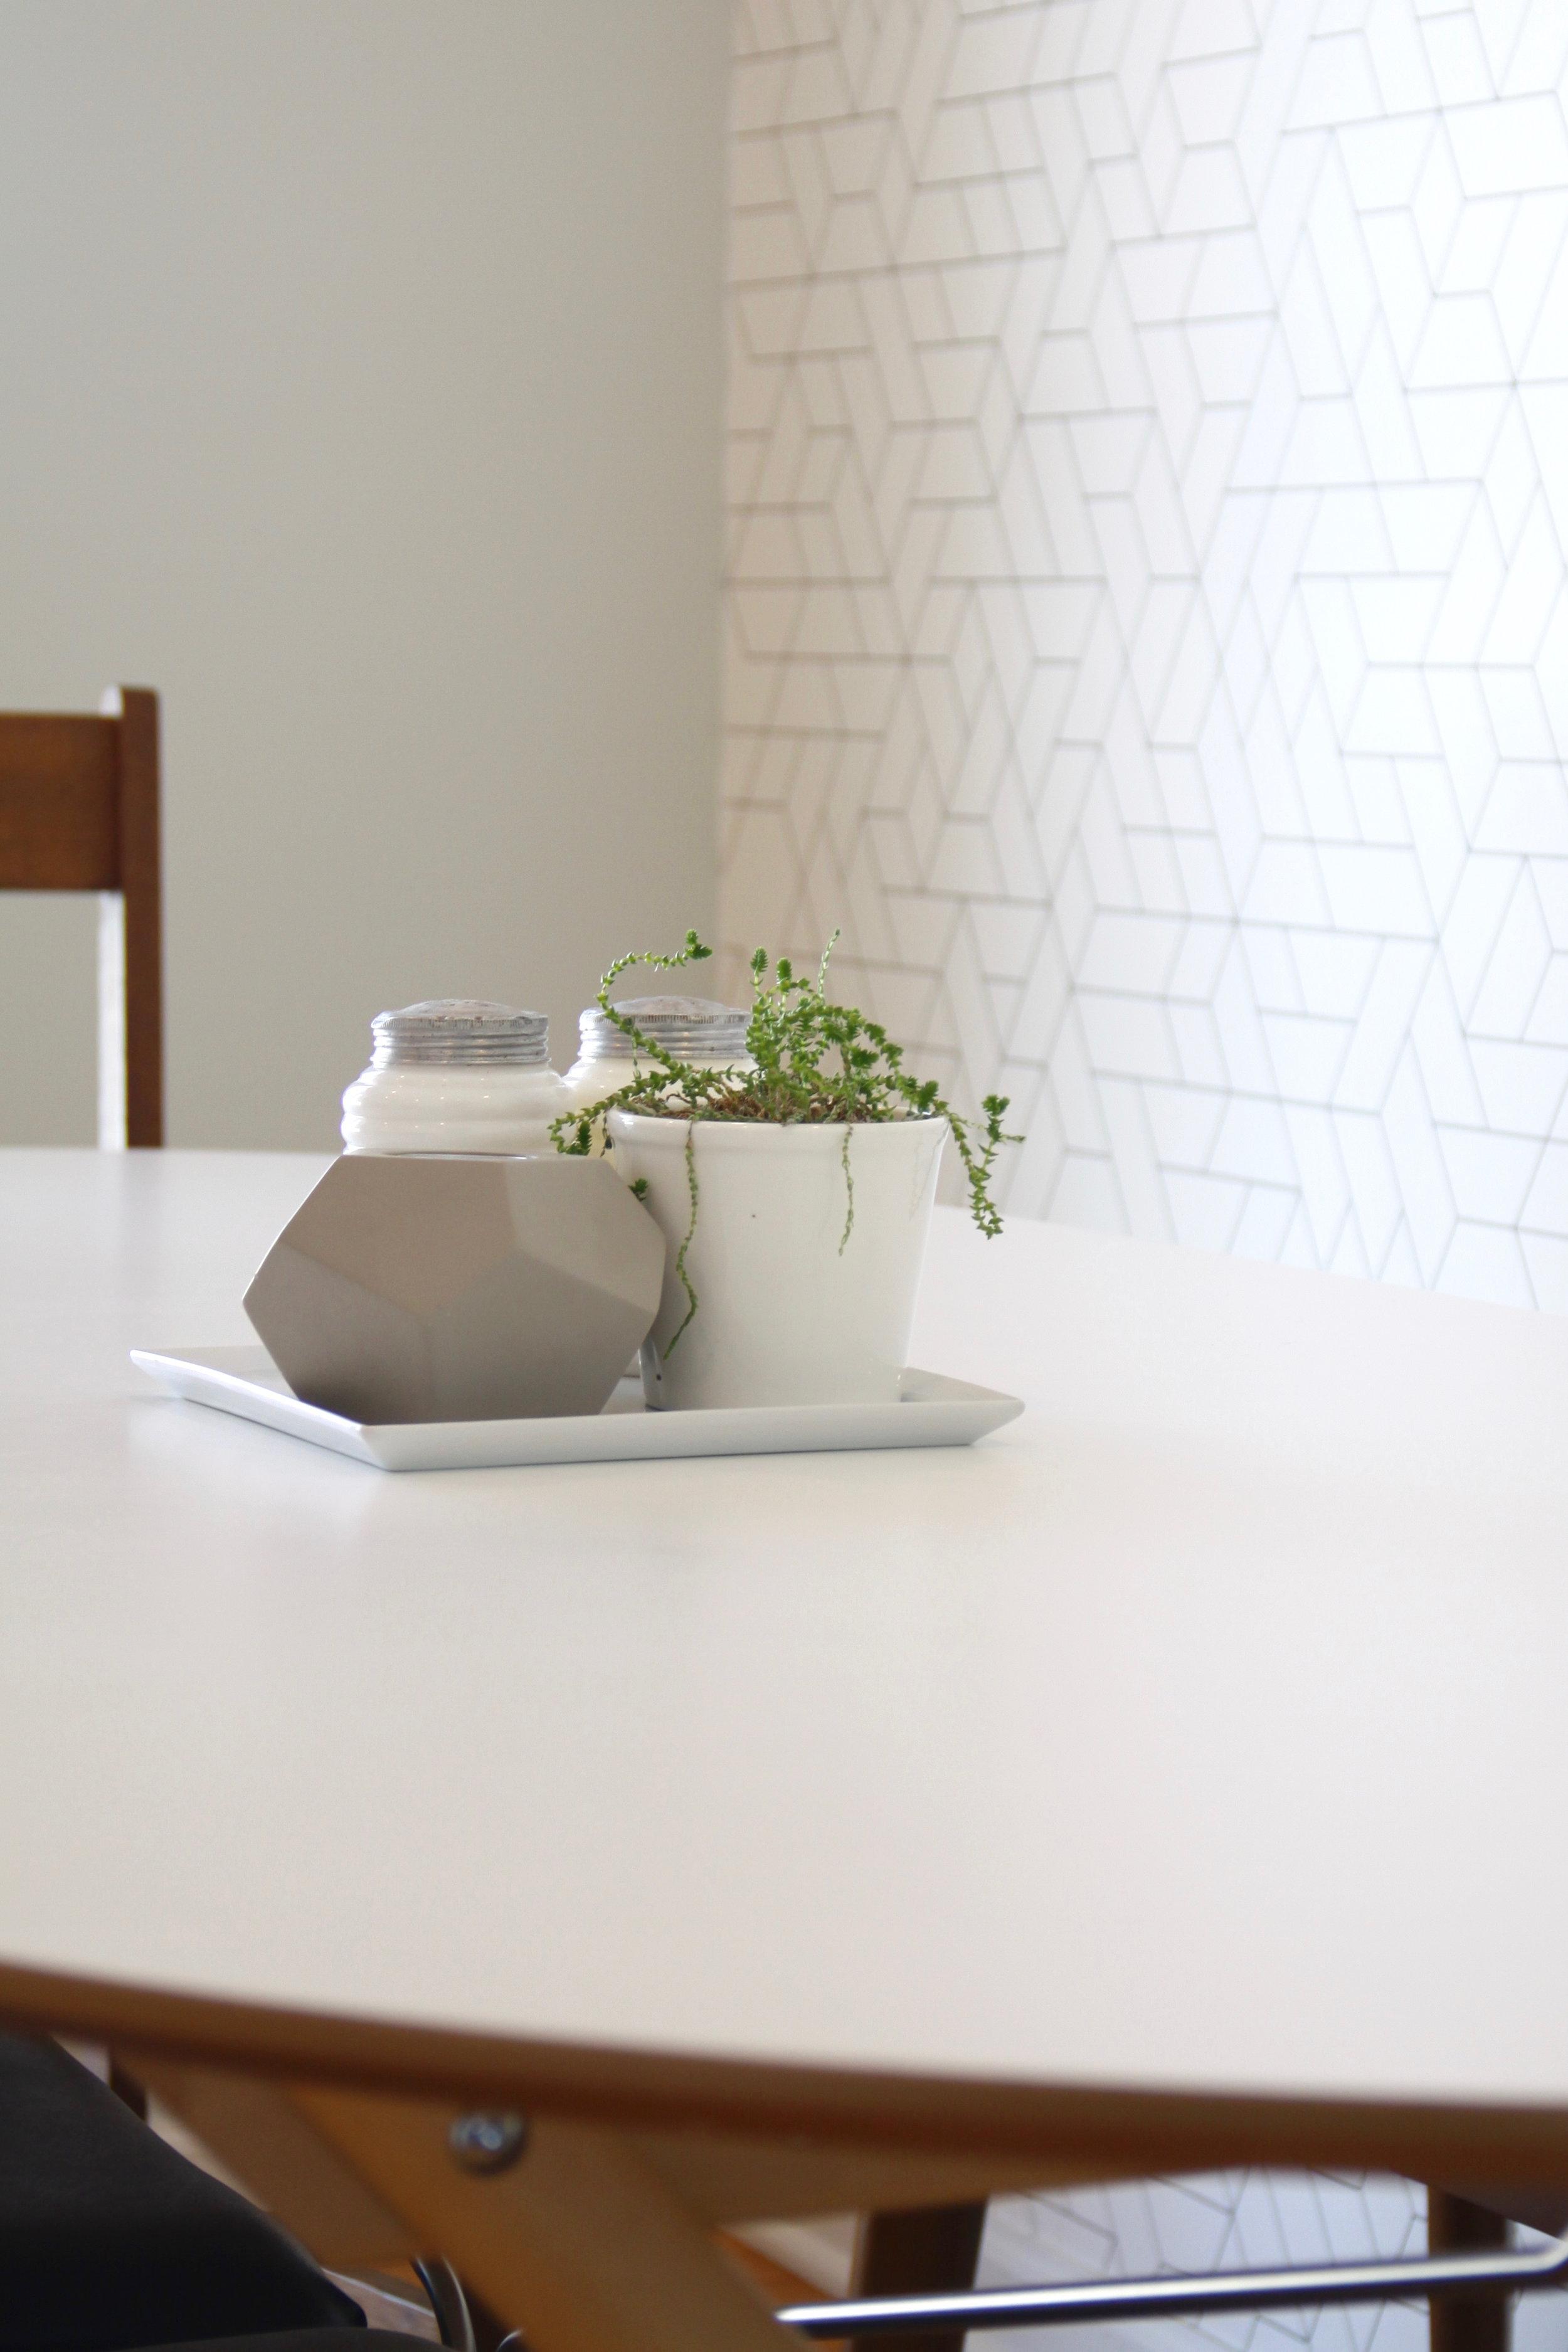 Simple table centerpiece